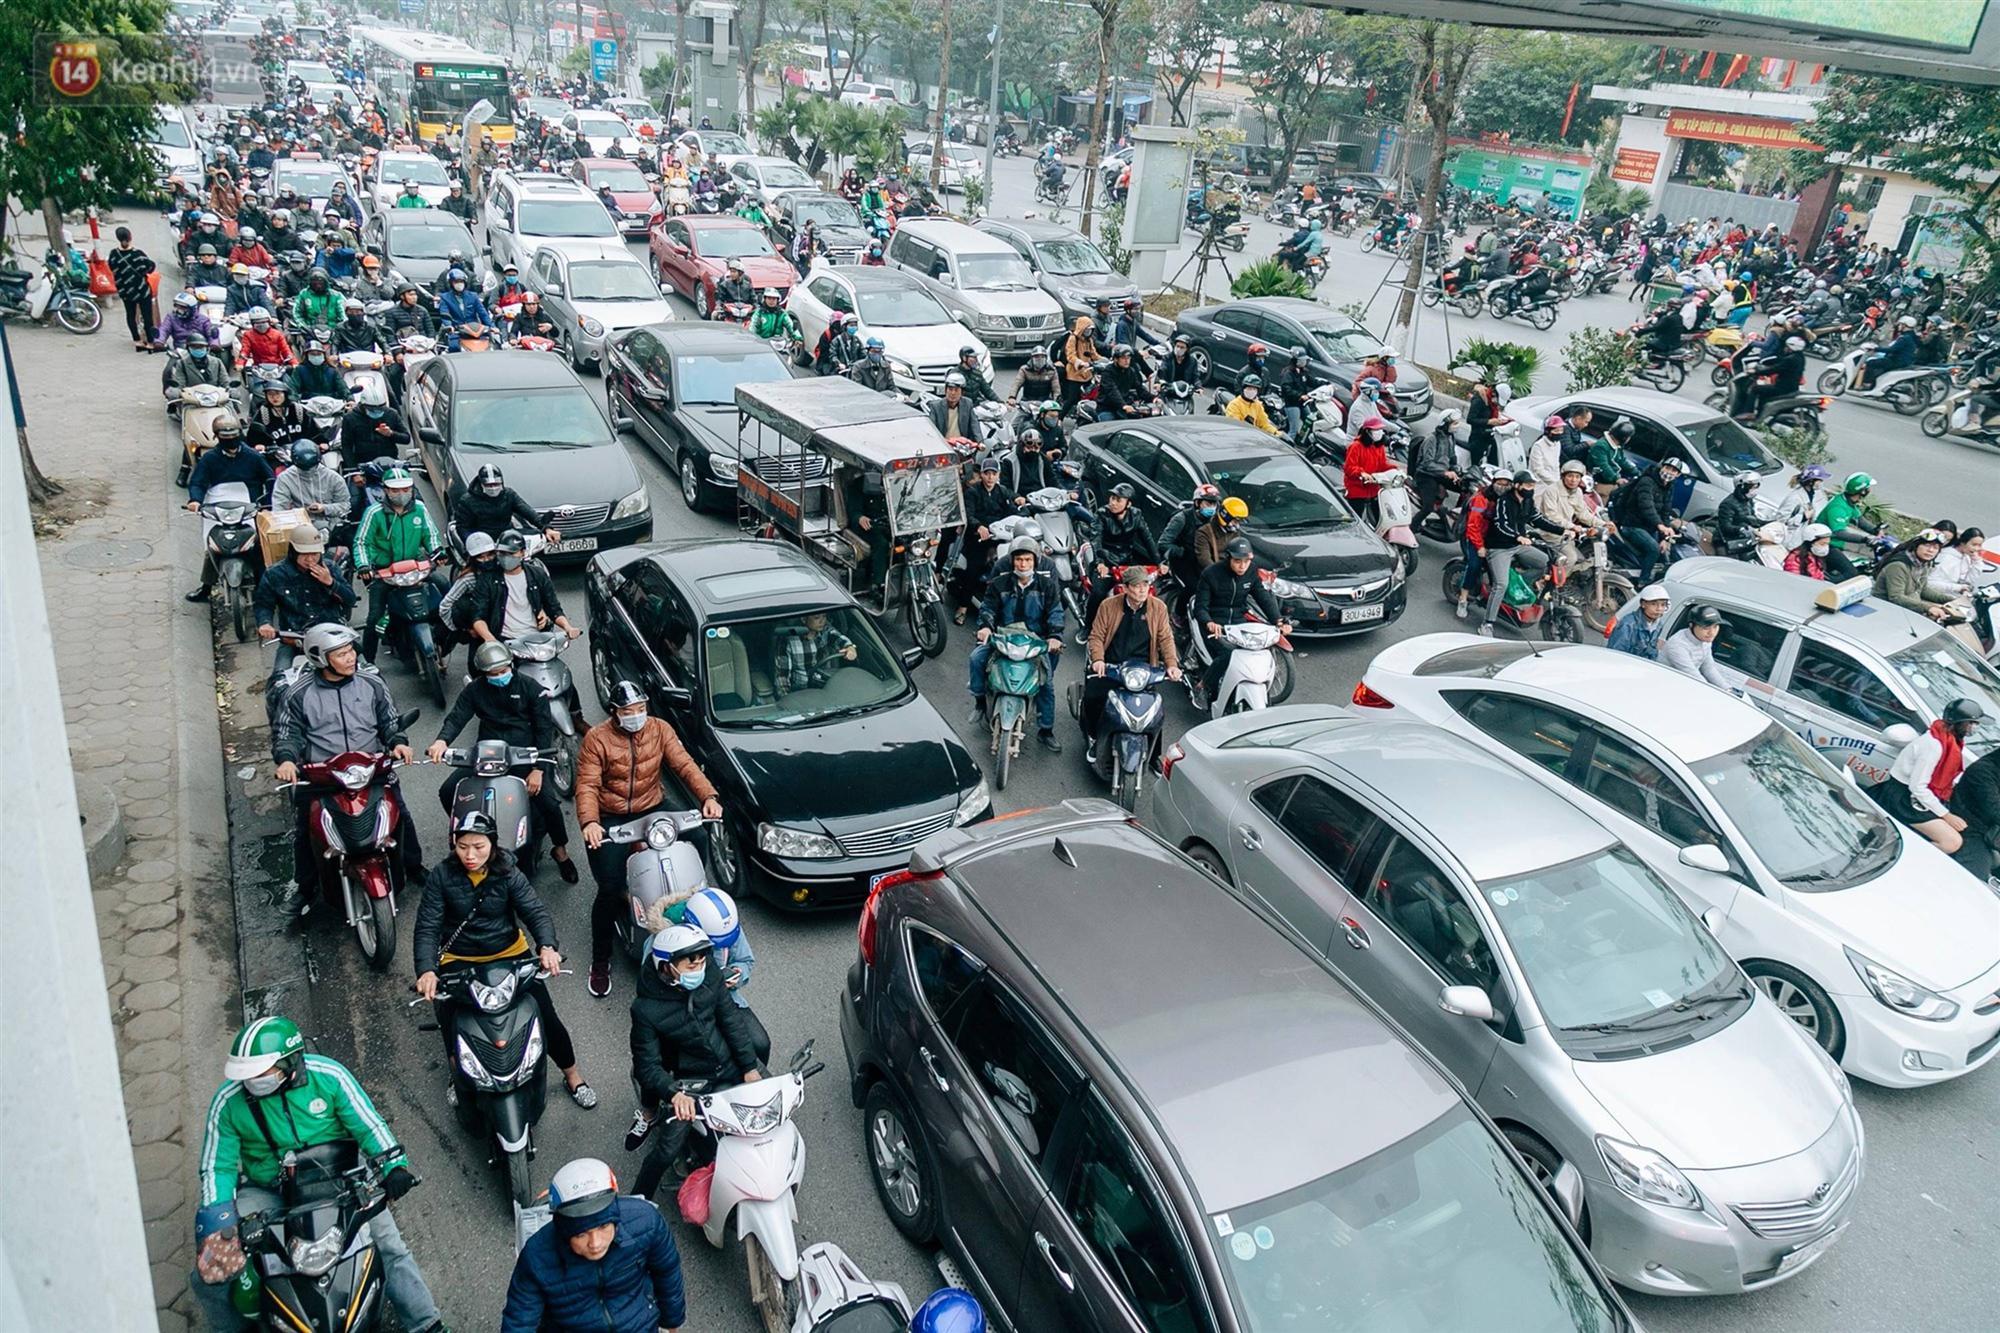 Chùm ảnh: Từ 3h chiều, đường phố Hà Nội ùn tắc không lối thoát ngày giáp Tết-2